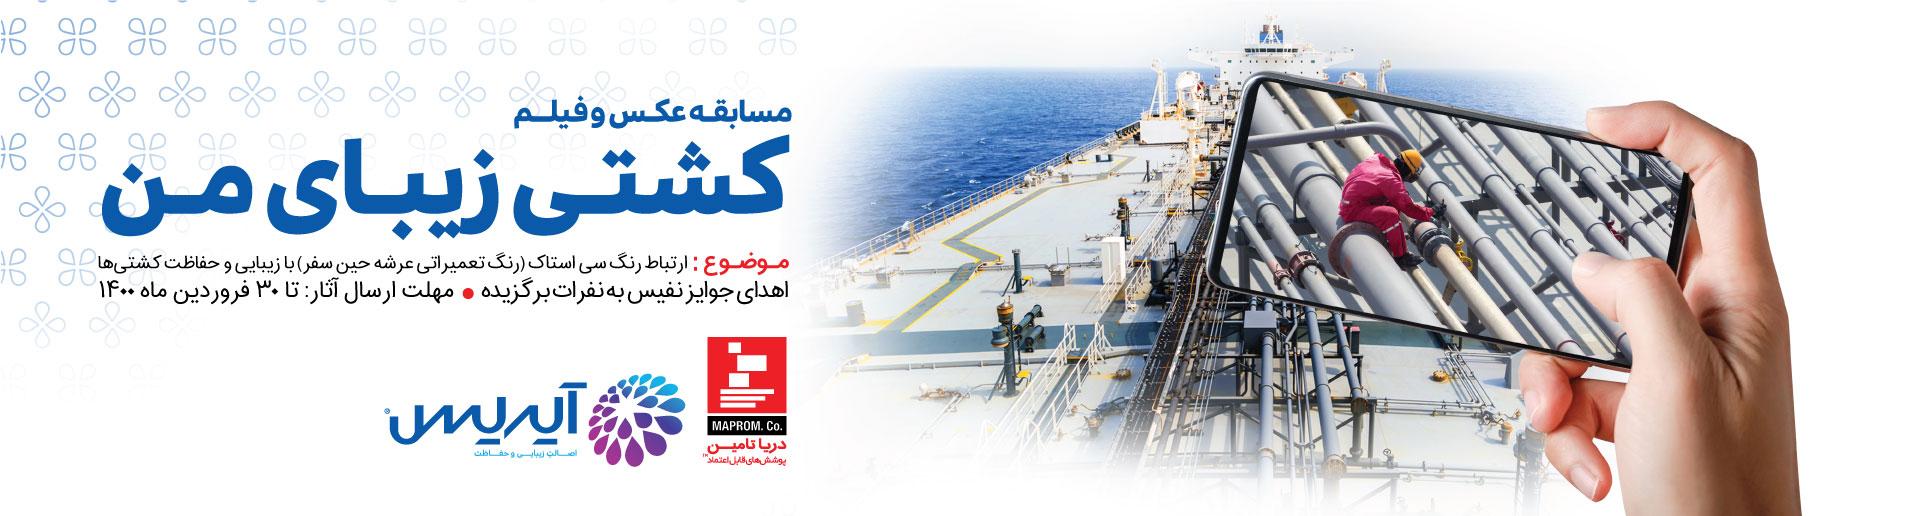 مسابقه سی استاک - photo & video sea stock